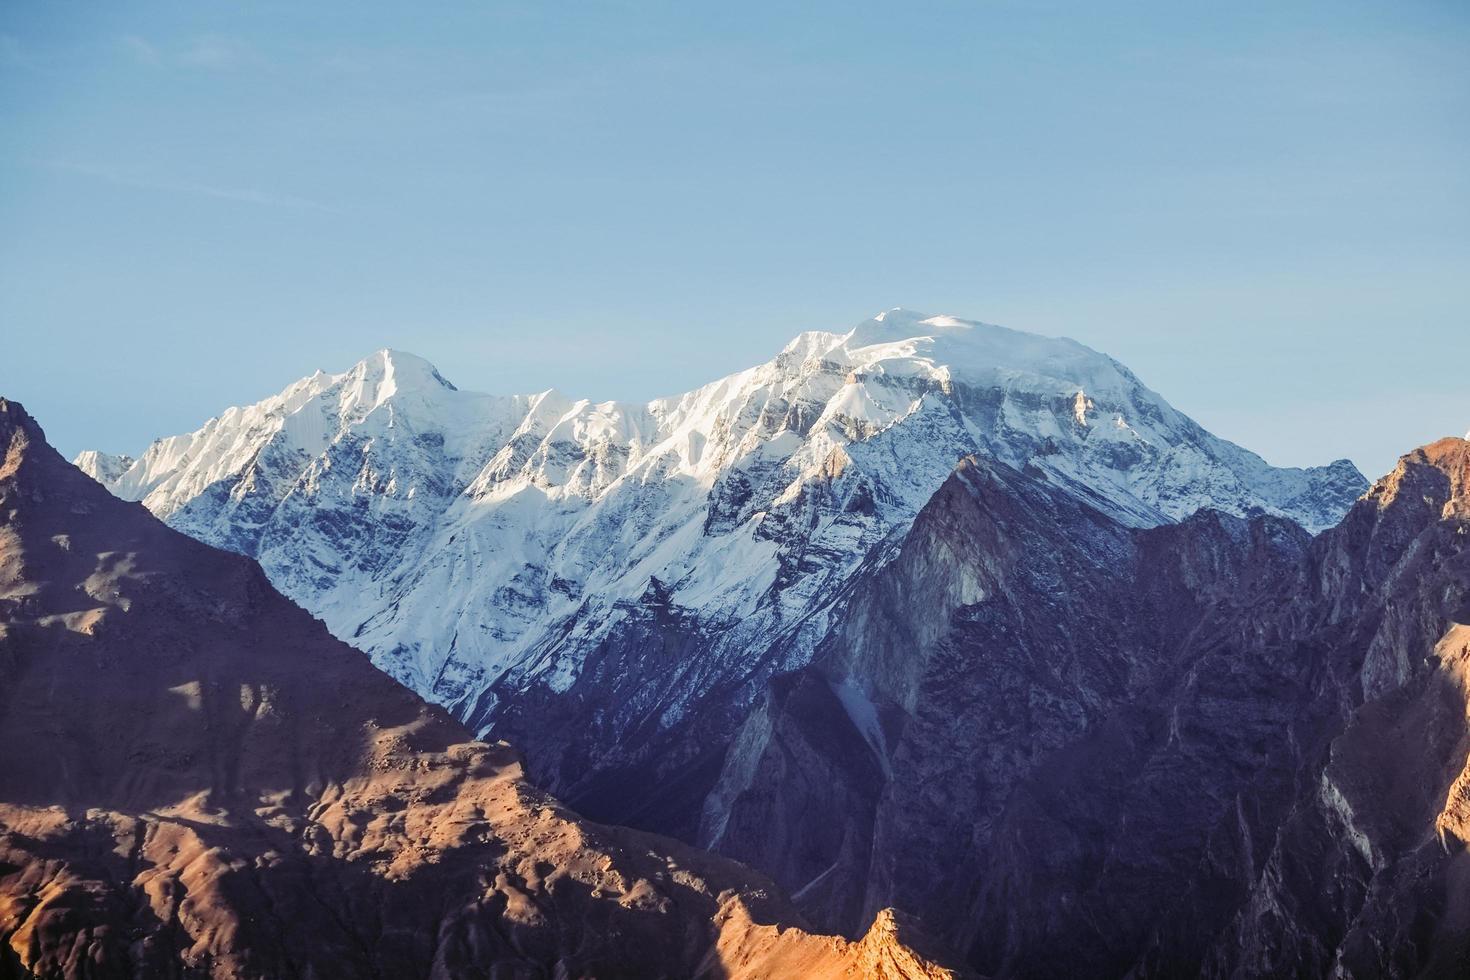 La lumière du soleil du matin brille sur la montagne enneigée photo